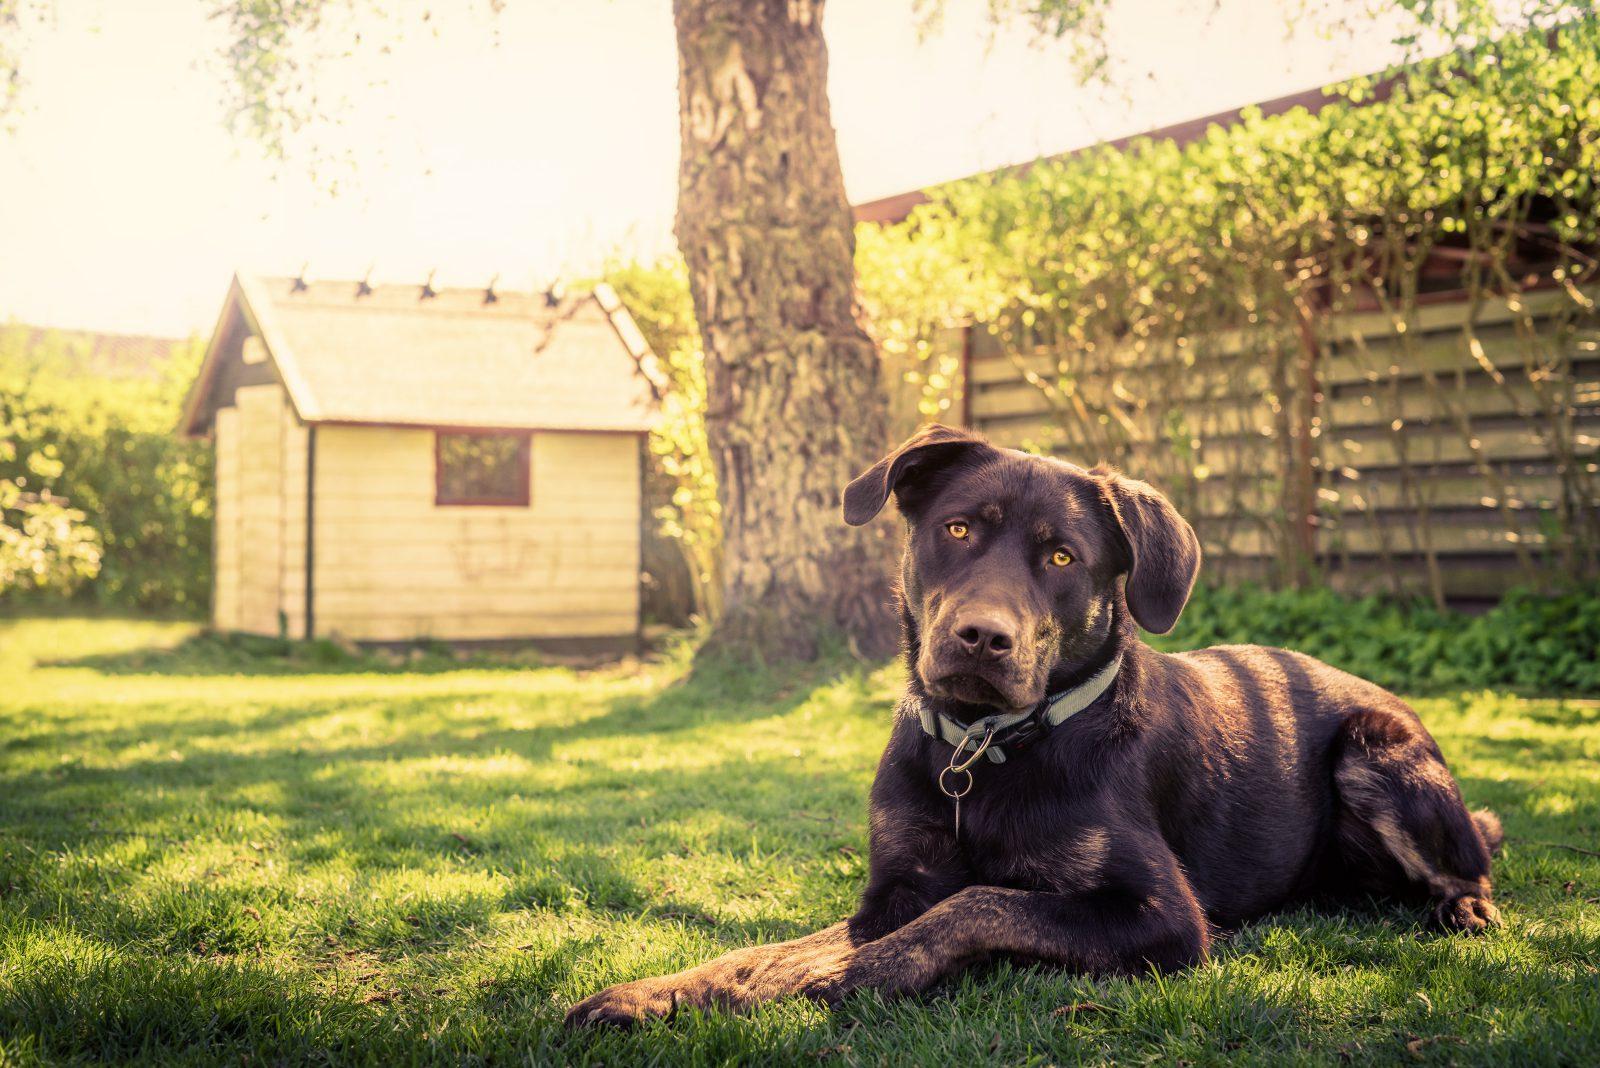 Cuidar de cachorro: Rottweiler confinado sozinho no quintal sem supervisão.